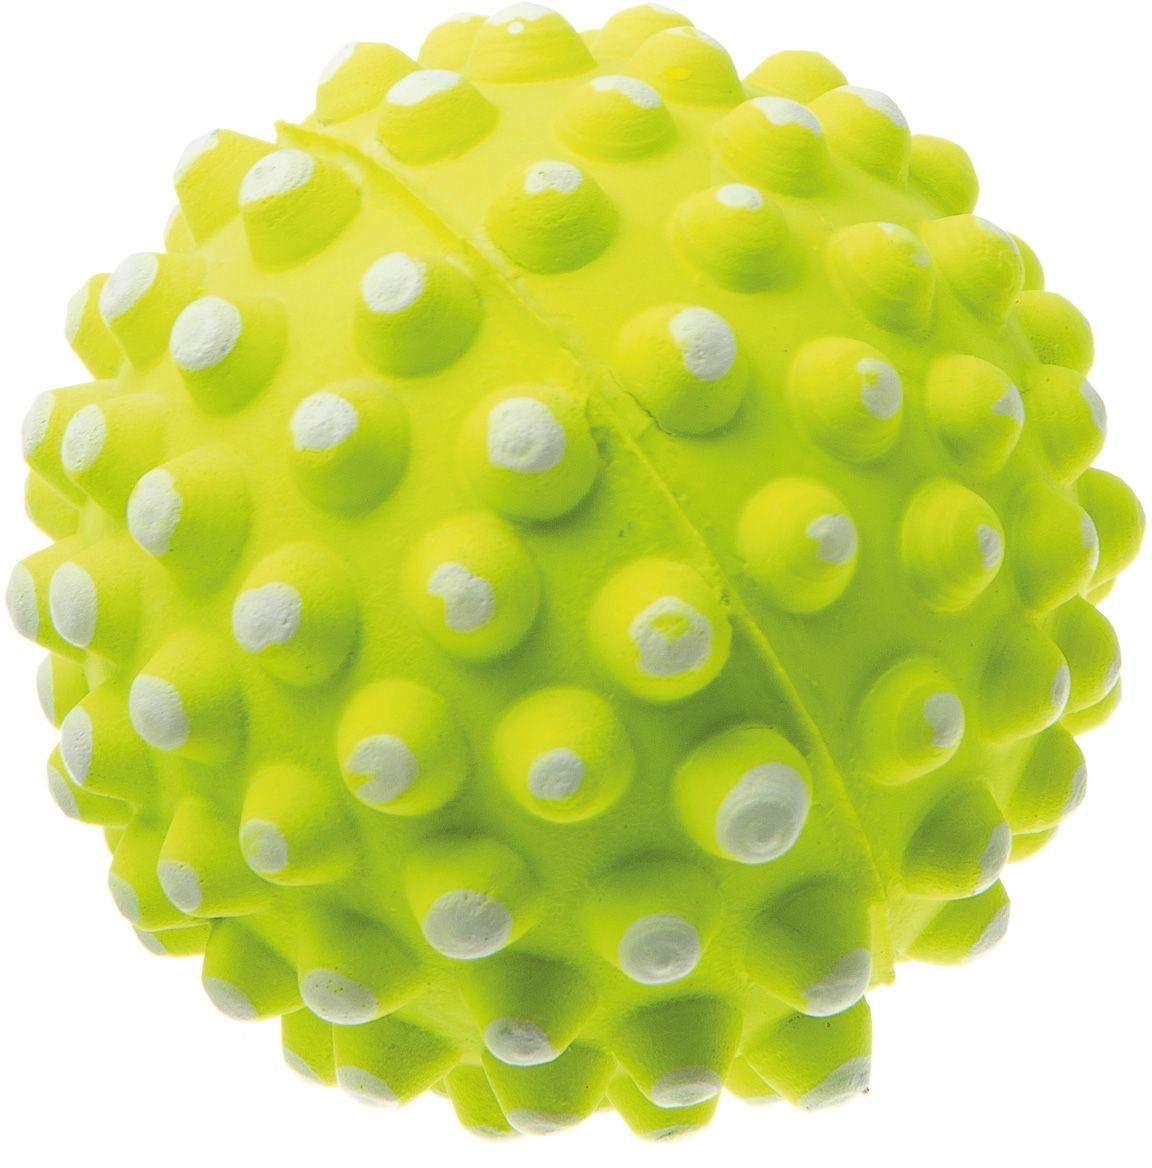 Мяч V.I.Pet Коралл, цвет: желтый, диаметр 72 мм. 20-112520-1125Мяч V.I.Pet Коралл предназначен для игр, тренировок и активного отдыха с животными. Мяч заинтересует и увлечёт вашего питомца. Сделана из абсолютно безопасного и качественного материала. Материал: вспененная резина.